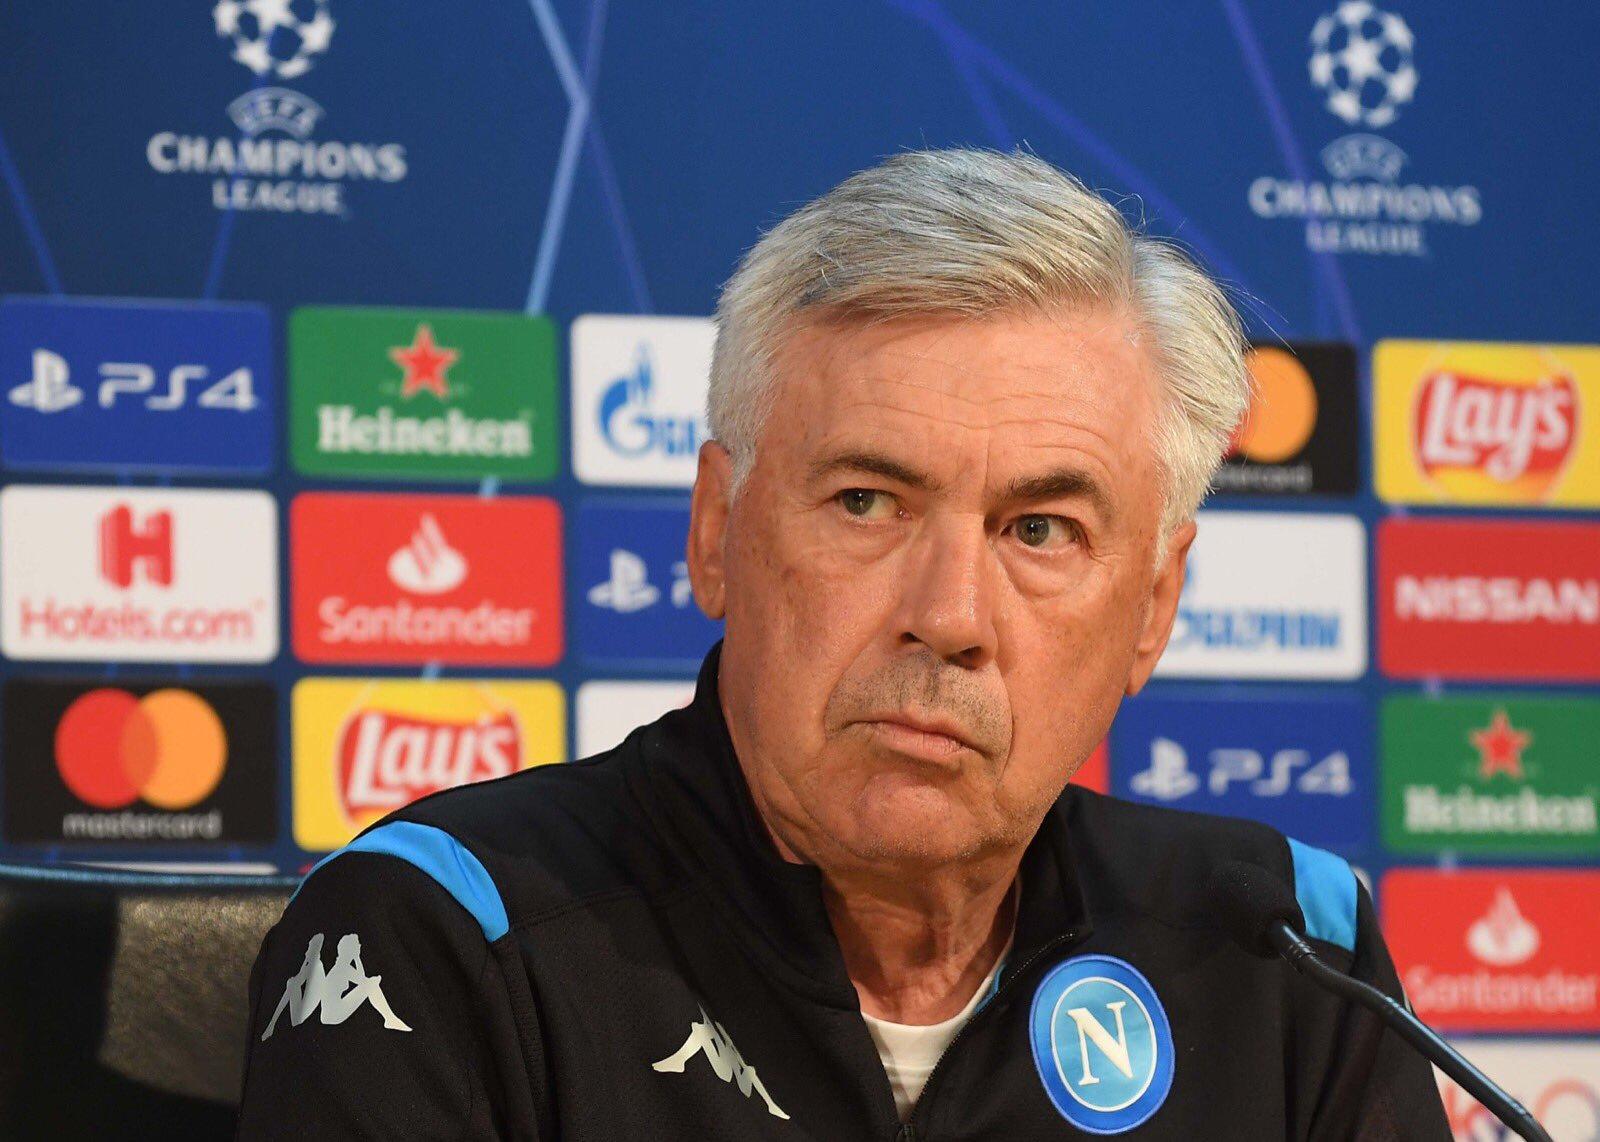 """Napoli-Liverpool, Ancelotti: """"Affrontiamo i più forti d'Europa"""" - NAPOLI CALCIO"""